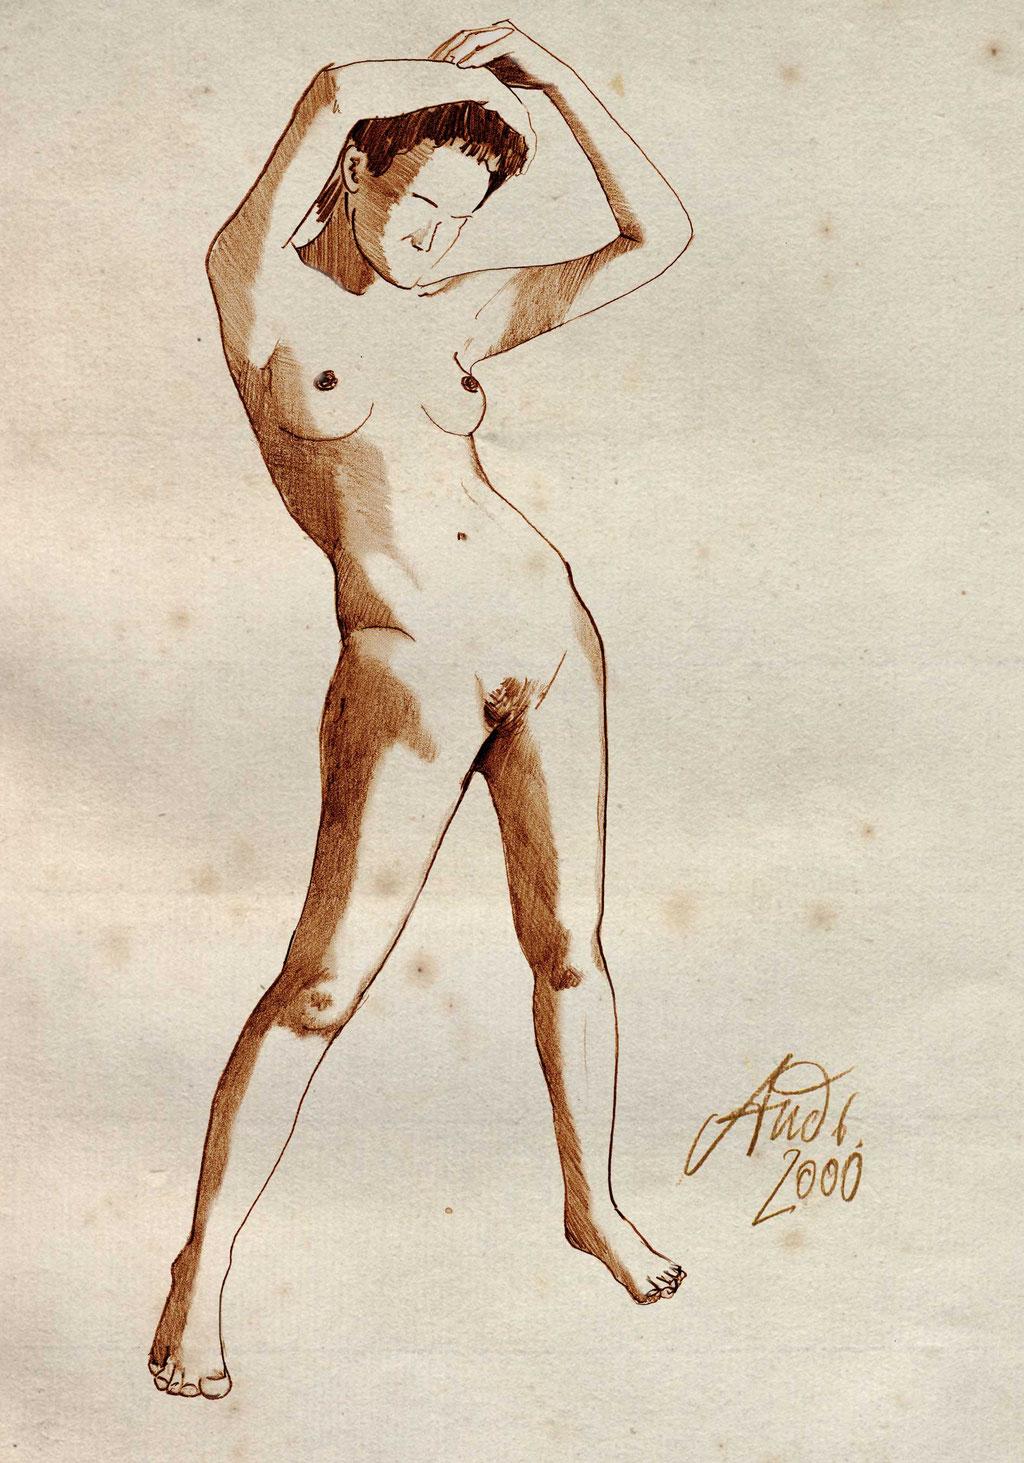 Antje, 2001